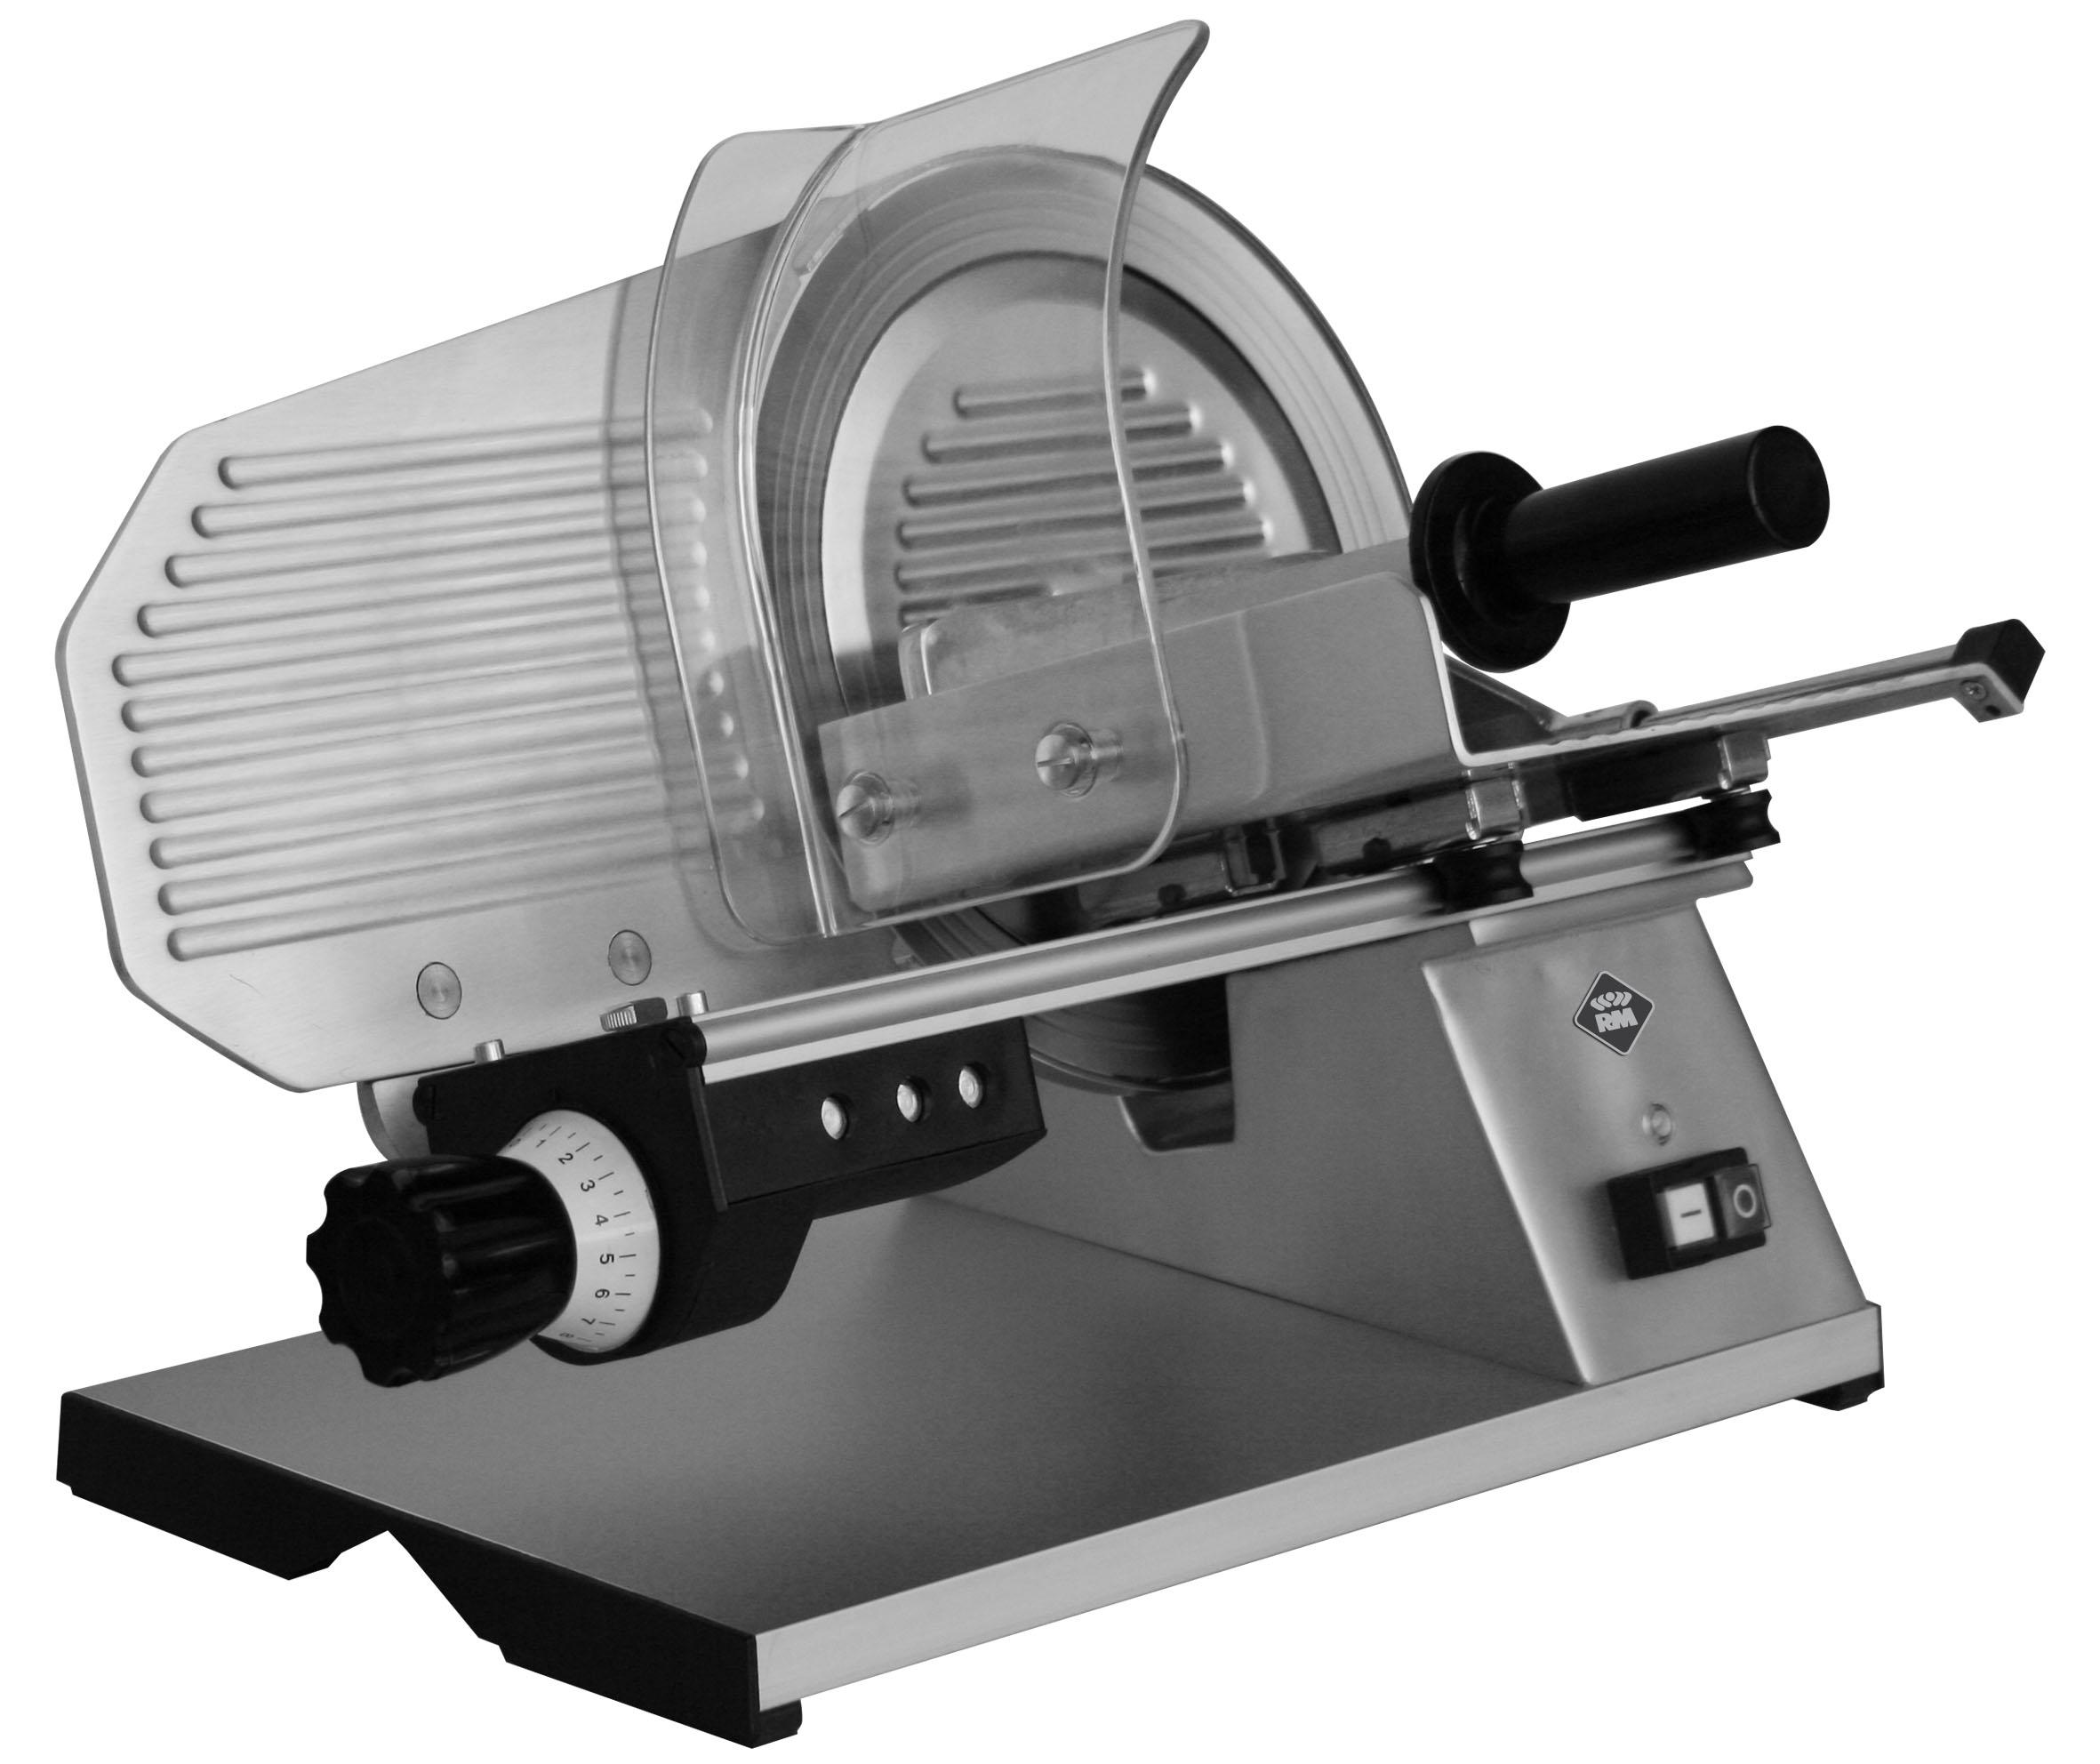 Stroj nářezový GMS 275 XL/šnek